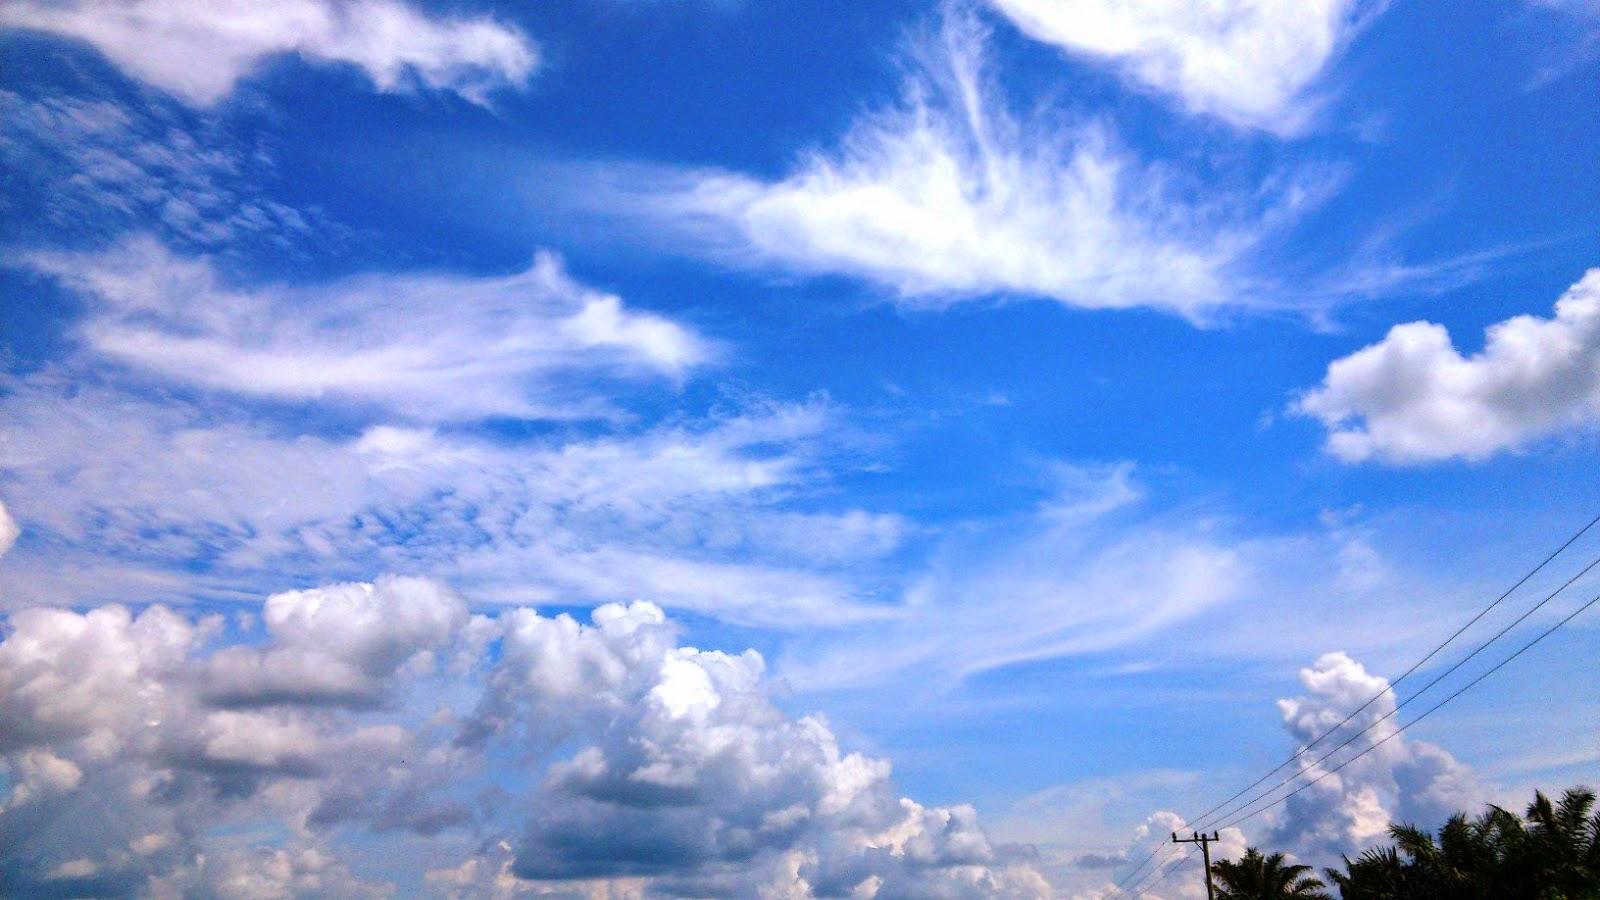 KUMPULAN Gambar Pemandangan Langit Indah Wallpaper HD Animasi